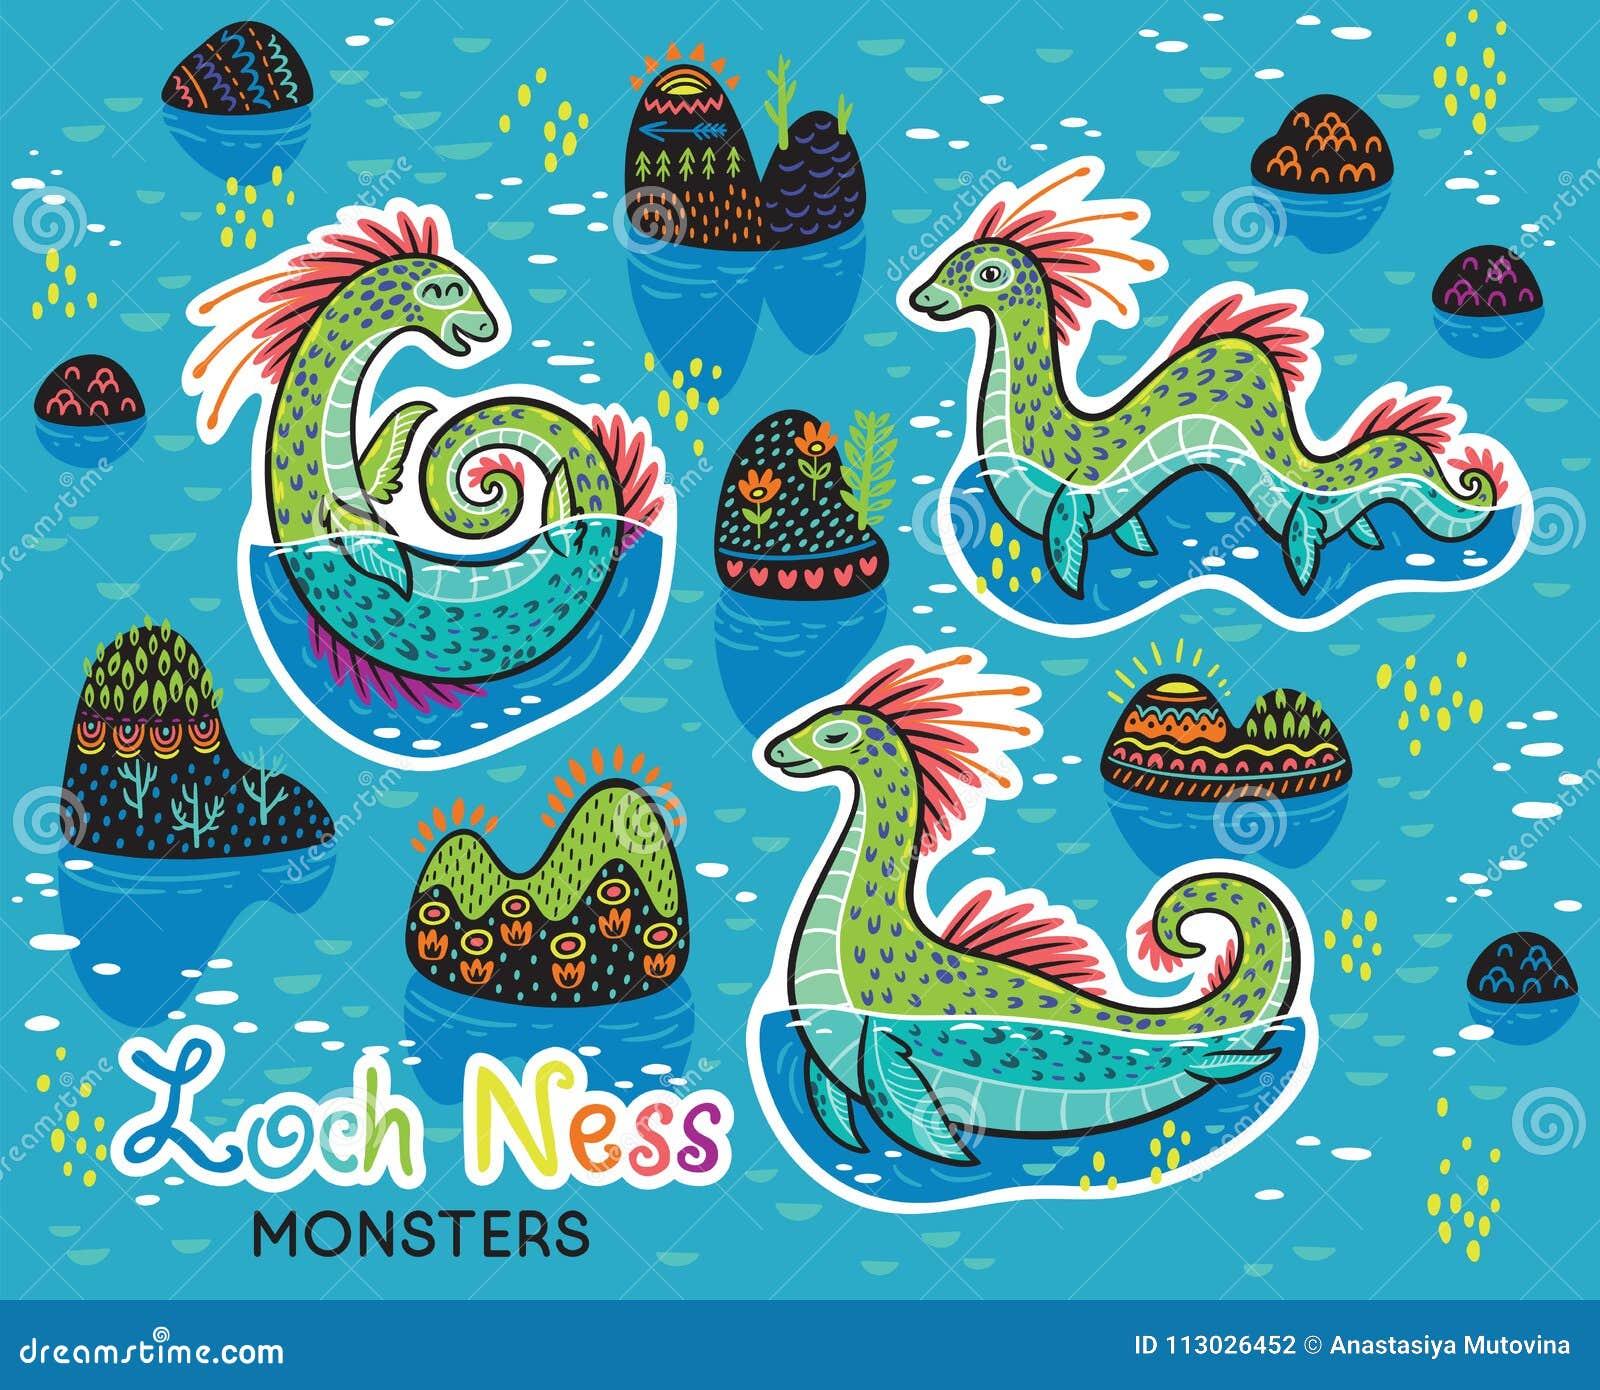 Colección del remiendo de los animales de lago Ness Monsters en estilo de la historieta Etiquetas engomadas de la diversión del v